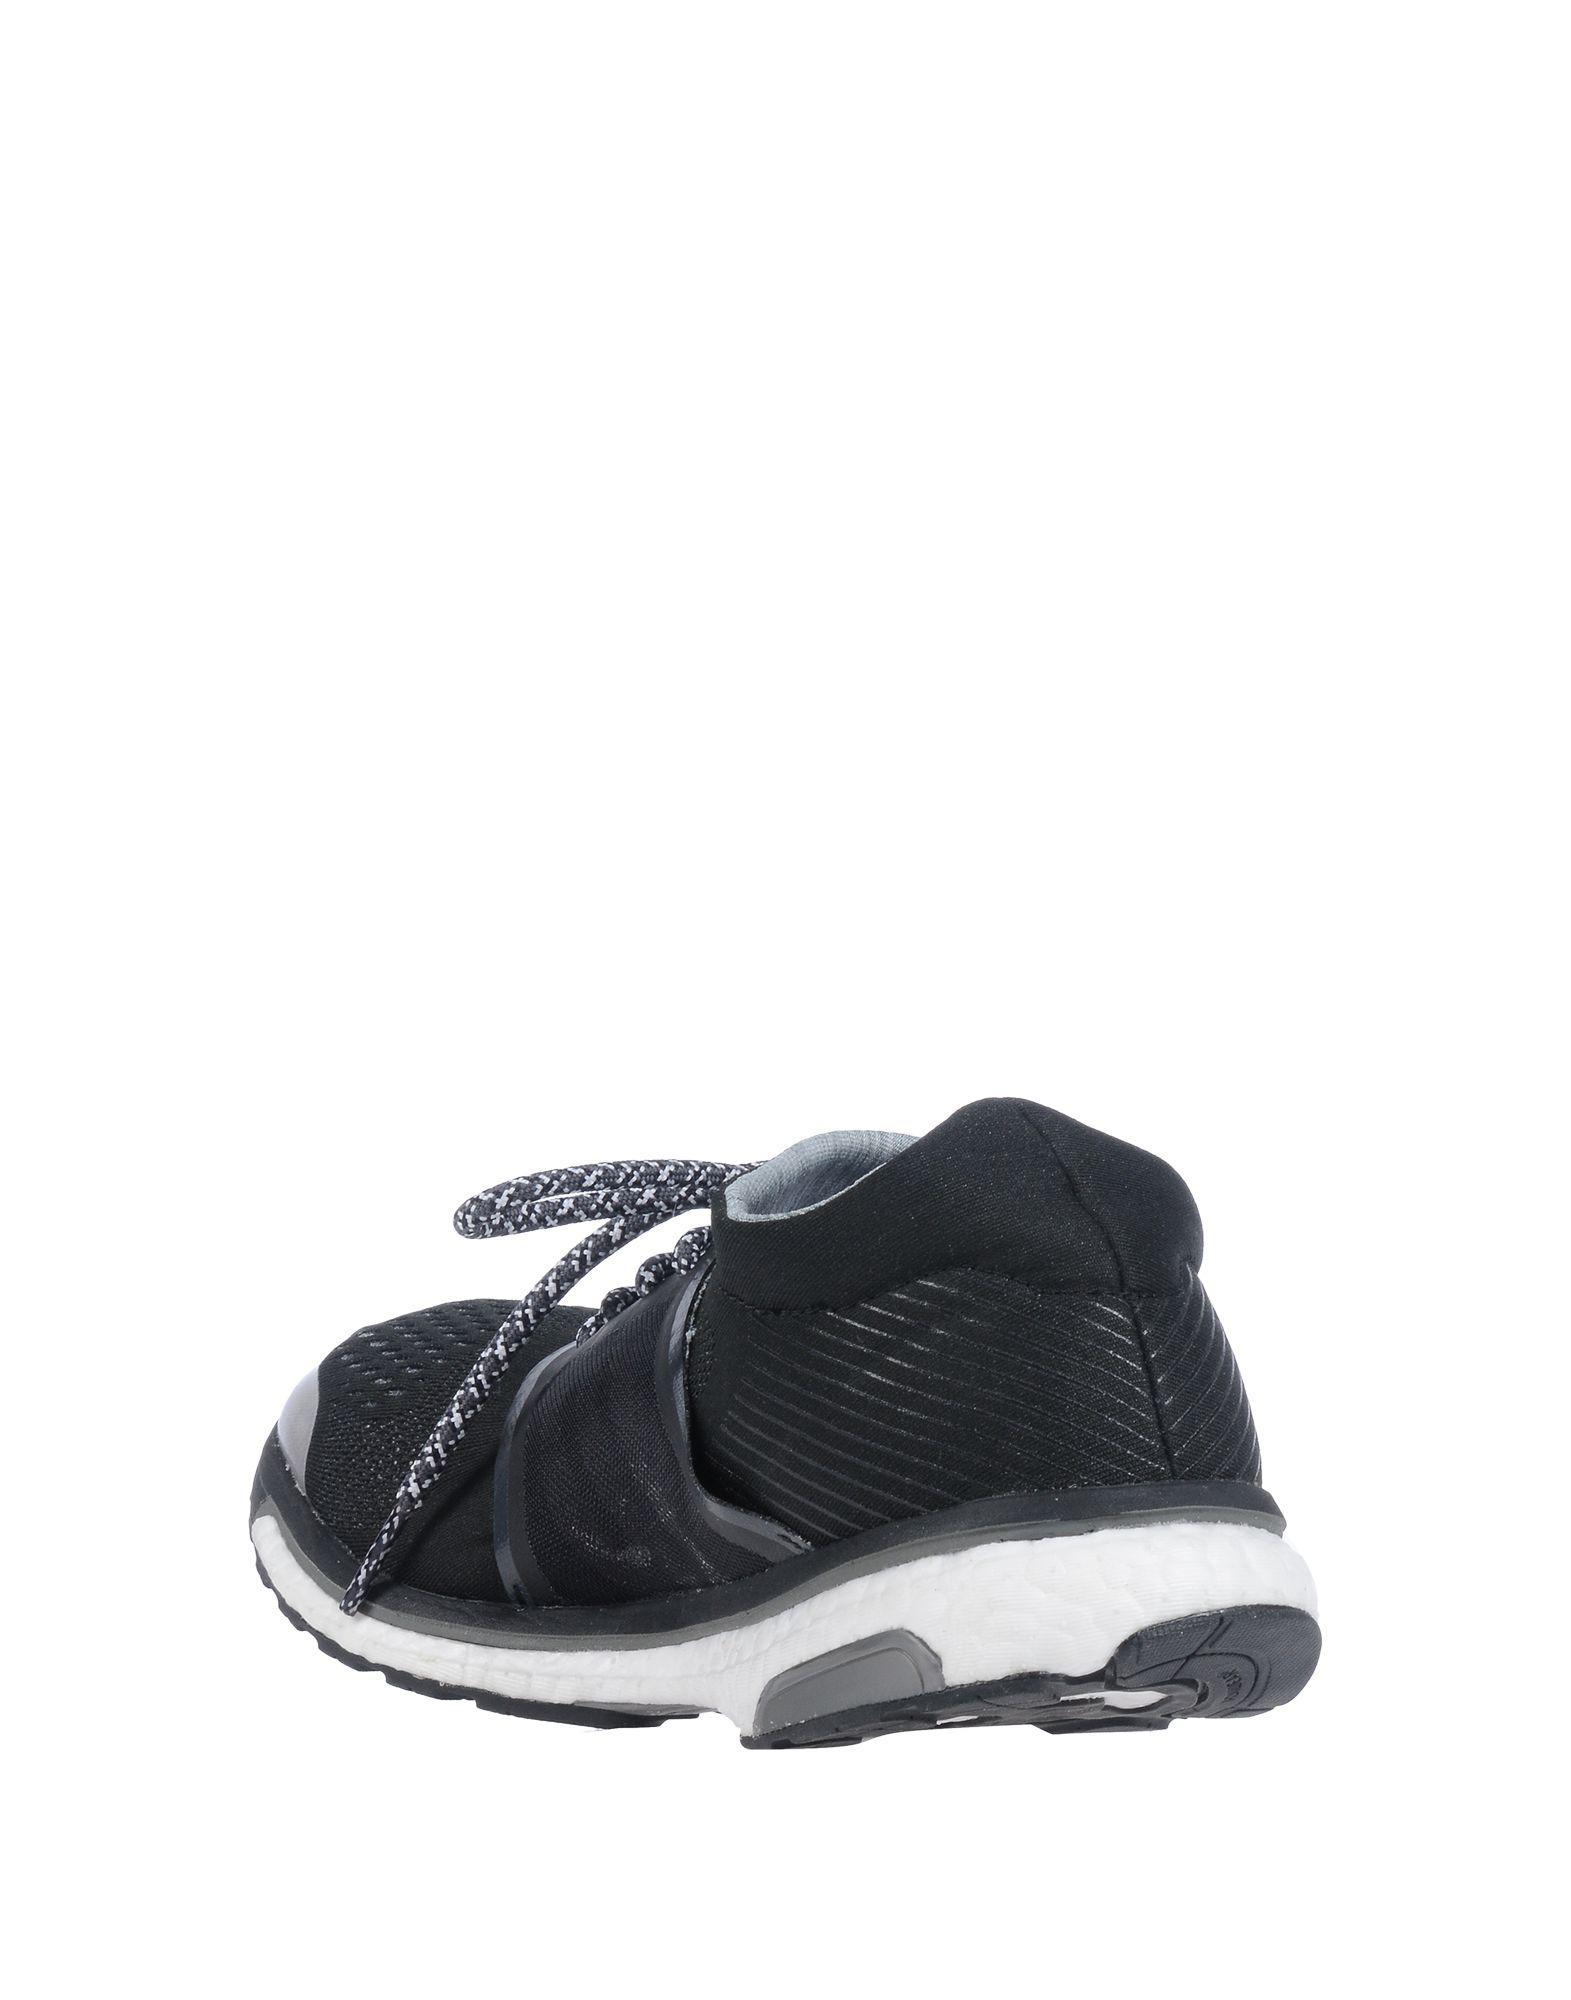 Sneakers & Tennis basses adidas By Stella McCartney en coloris Noir HnhZ